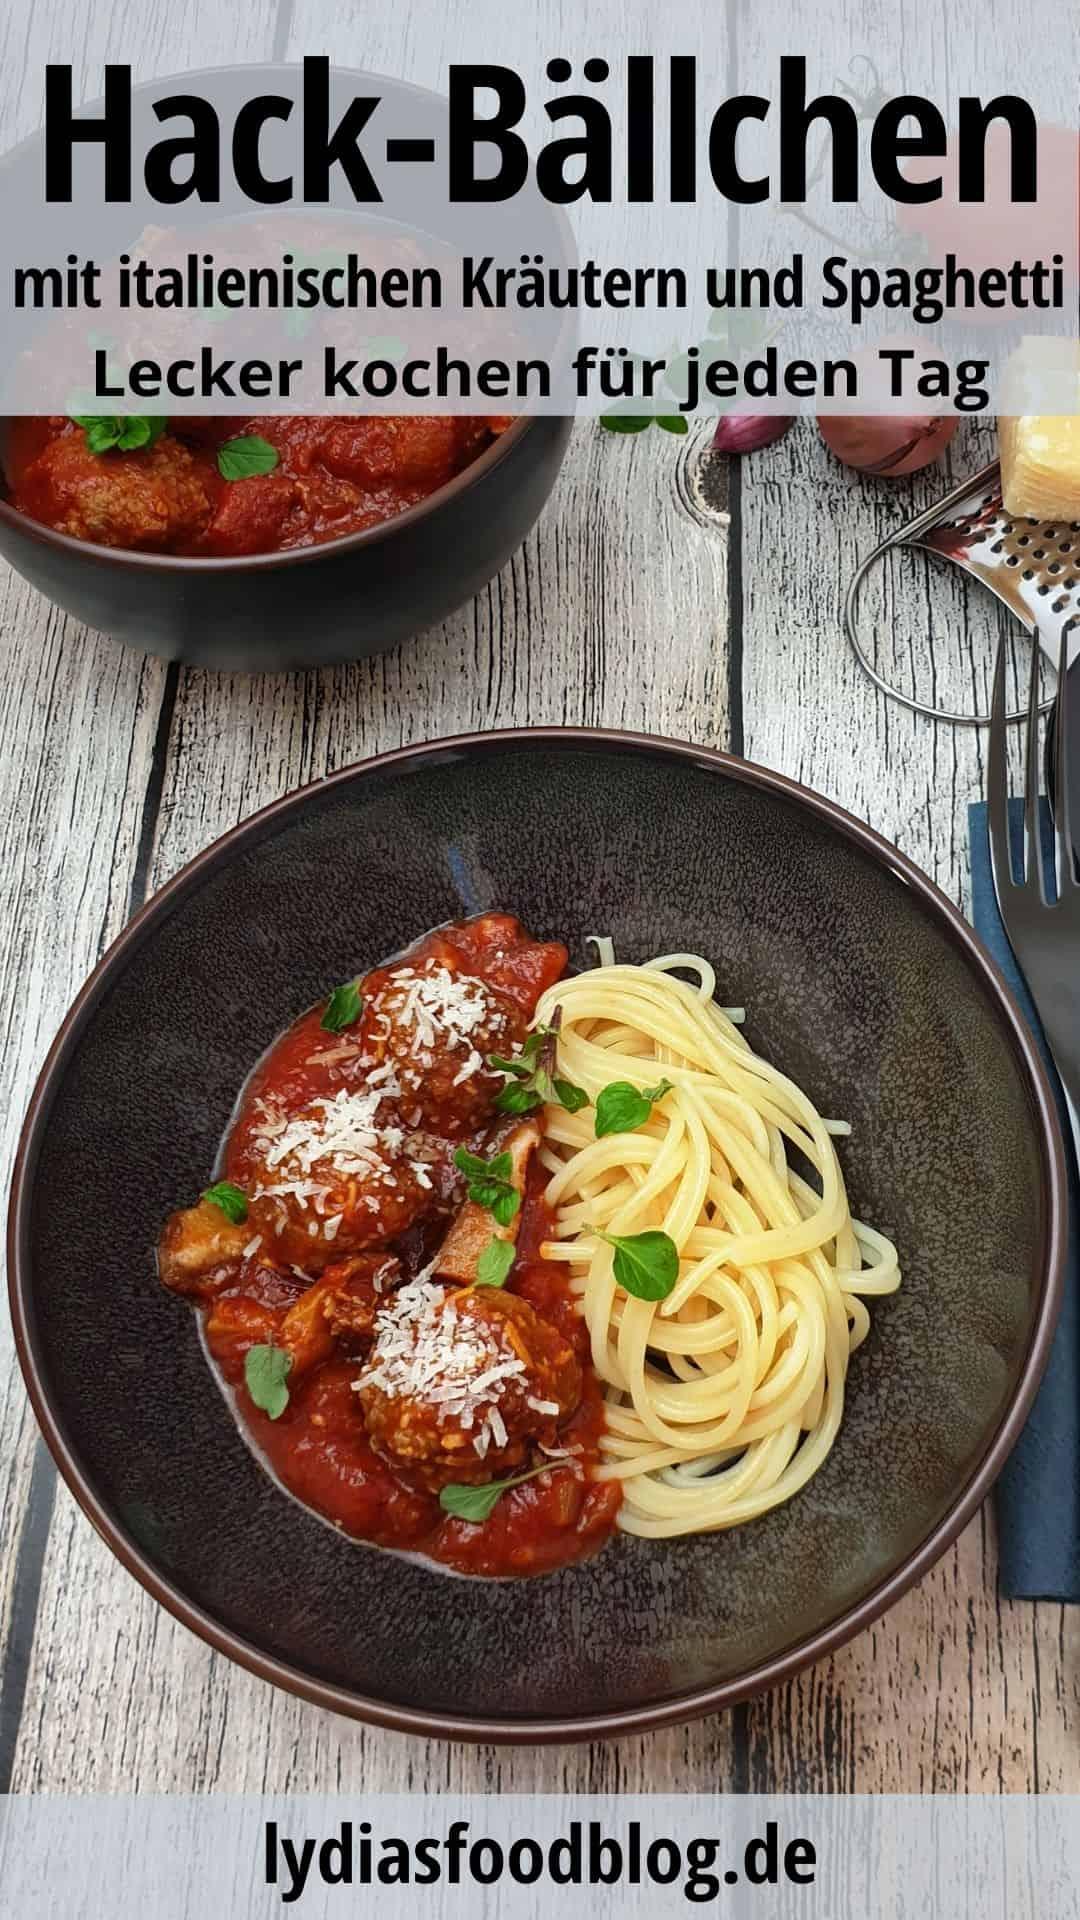 Italienische Hackbällchen mit Spaghetti in einer braunen Schale angerichtet. Mit Parmesan bestreut.